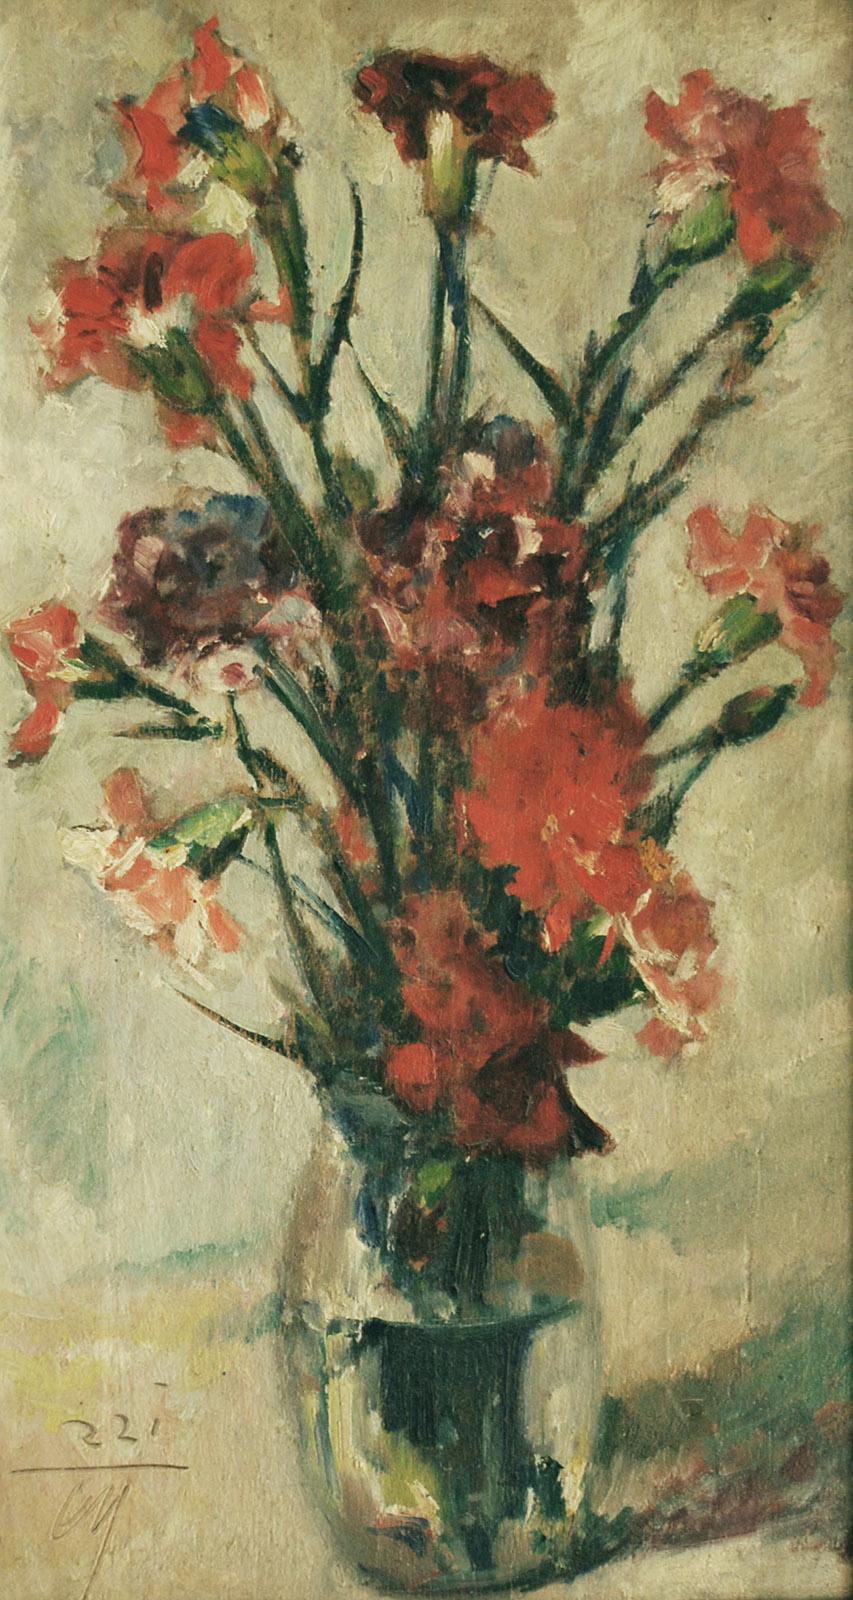 Vaso di garofani michelozzi corrado 1883 1965 fiori for Immagini di quadri con fiori